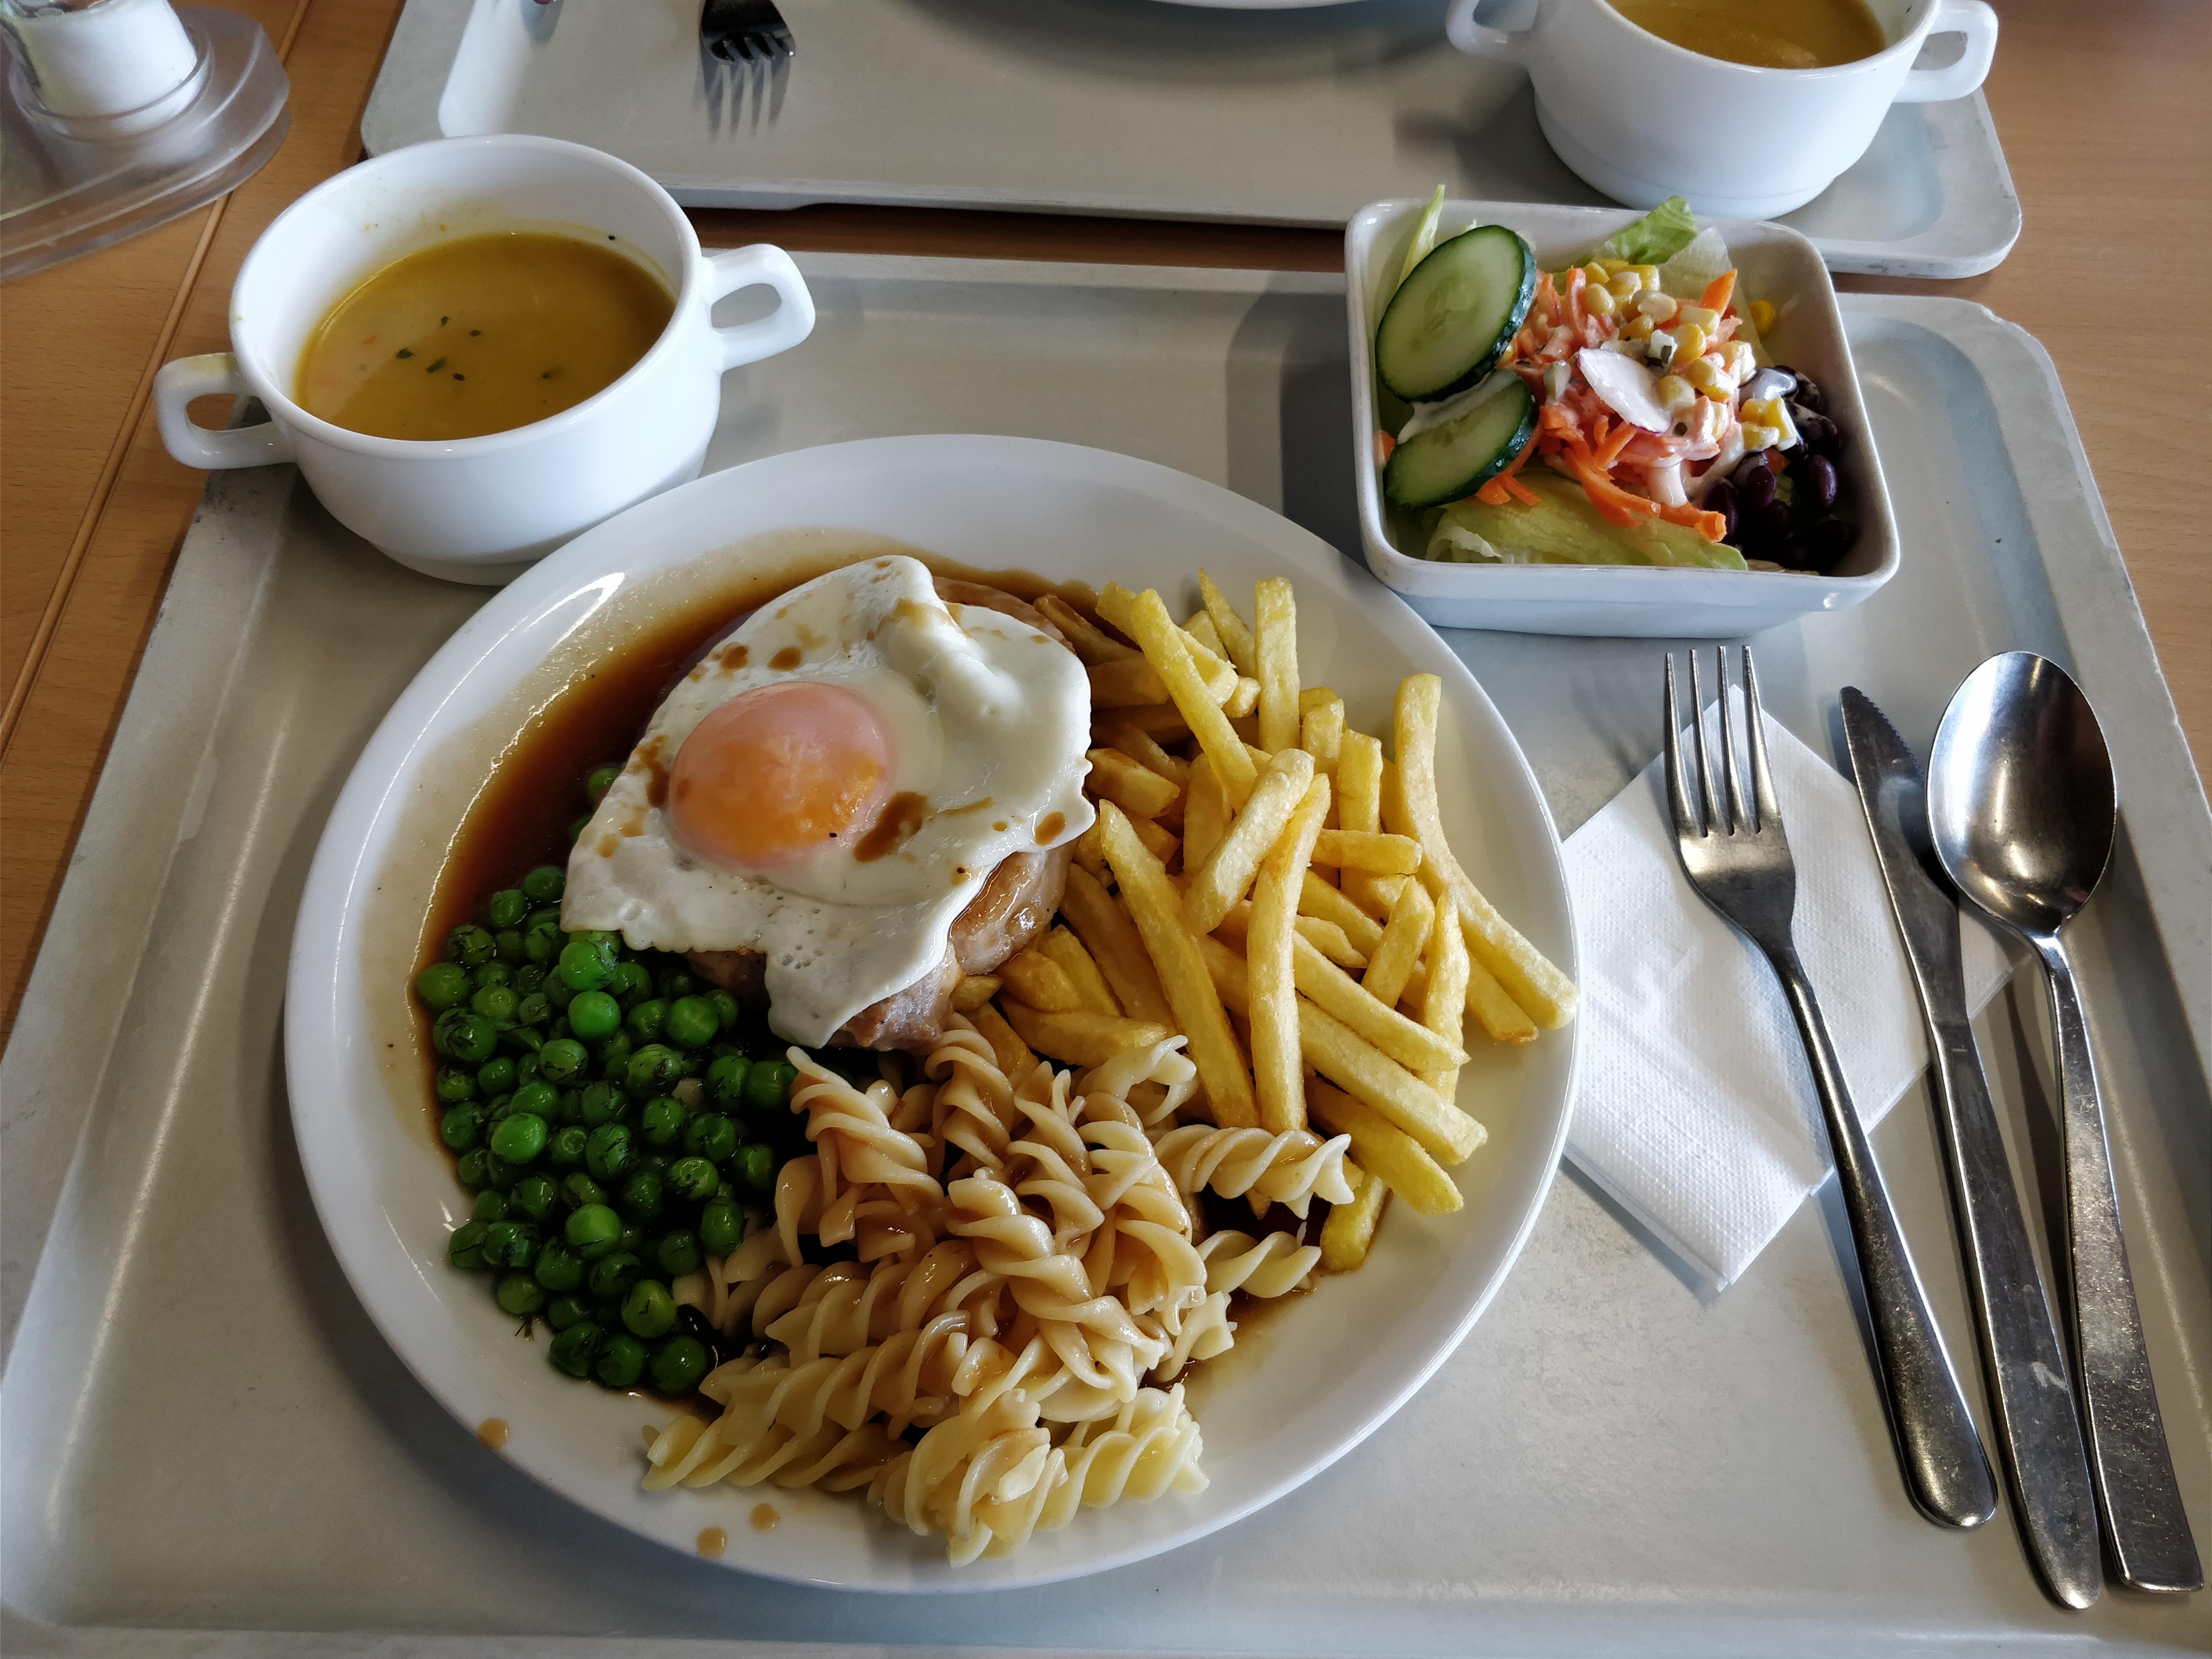 https://foodloader.net/nico_2017-09-18_schweinesteak-nudeln-pommes-bohnen-spiegelei-suppen-salat.jpg